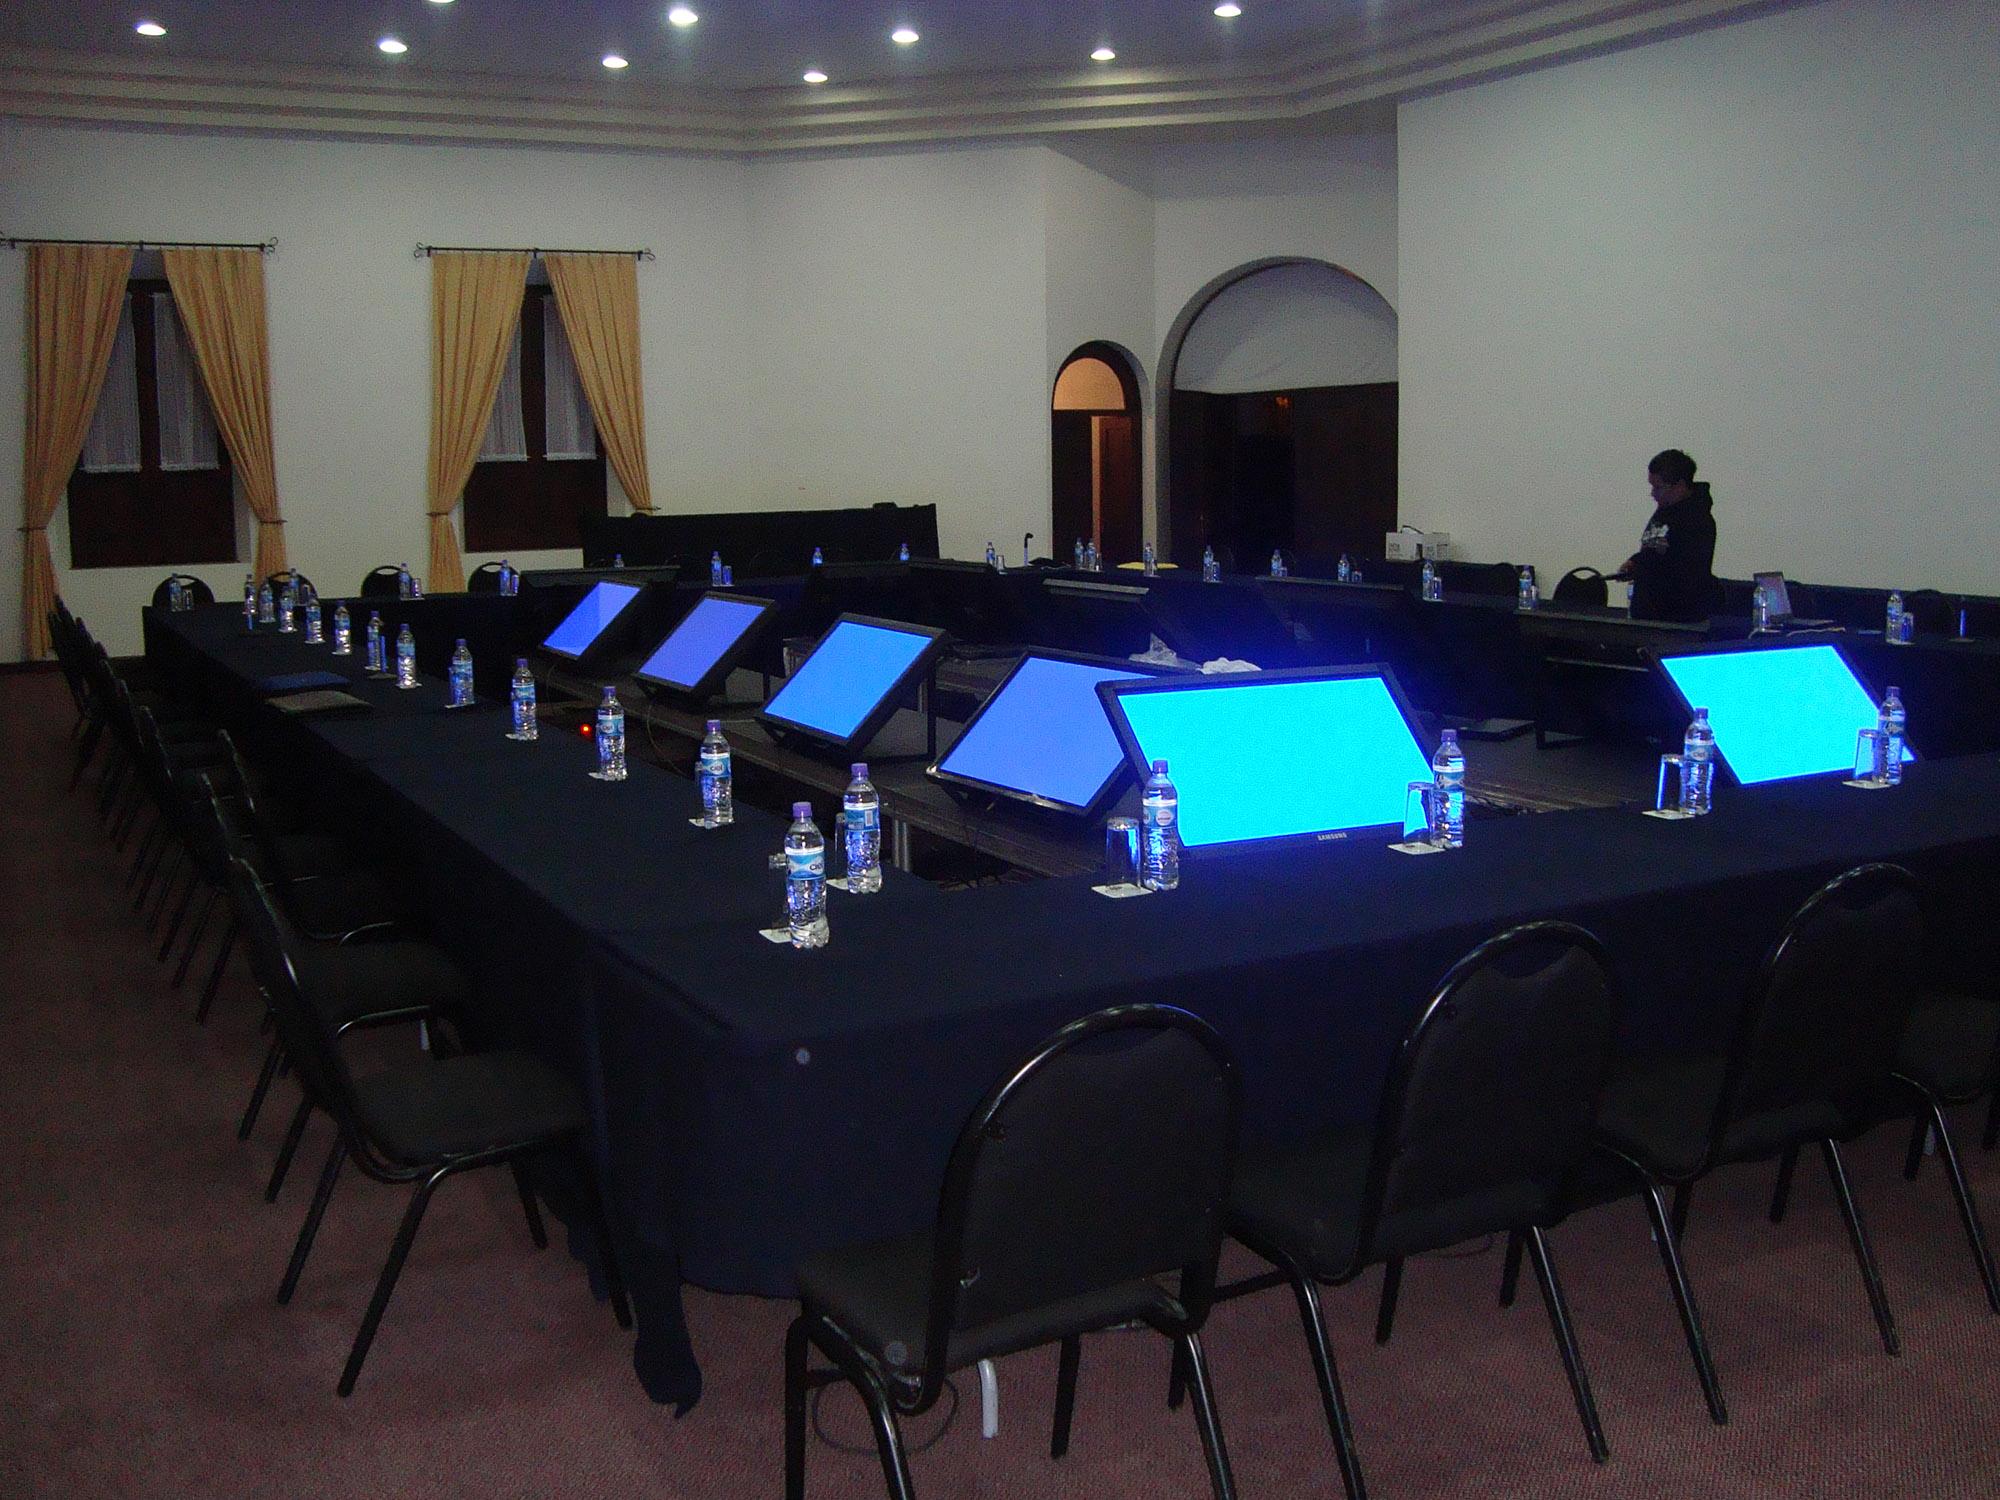 Salones para eventos - Hotel Hacienda La Venta